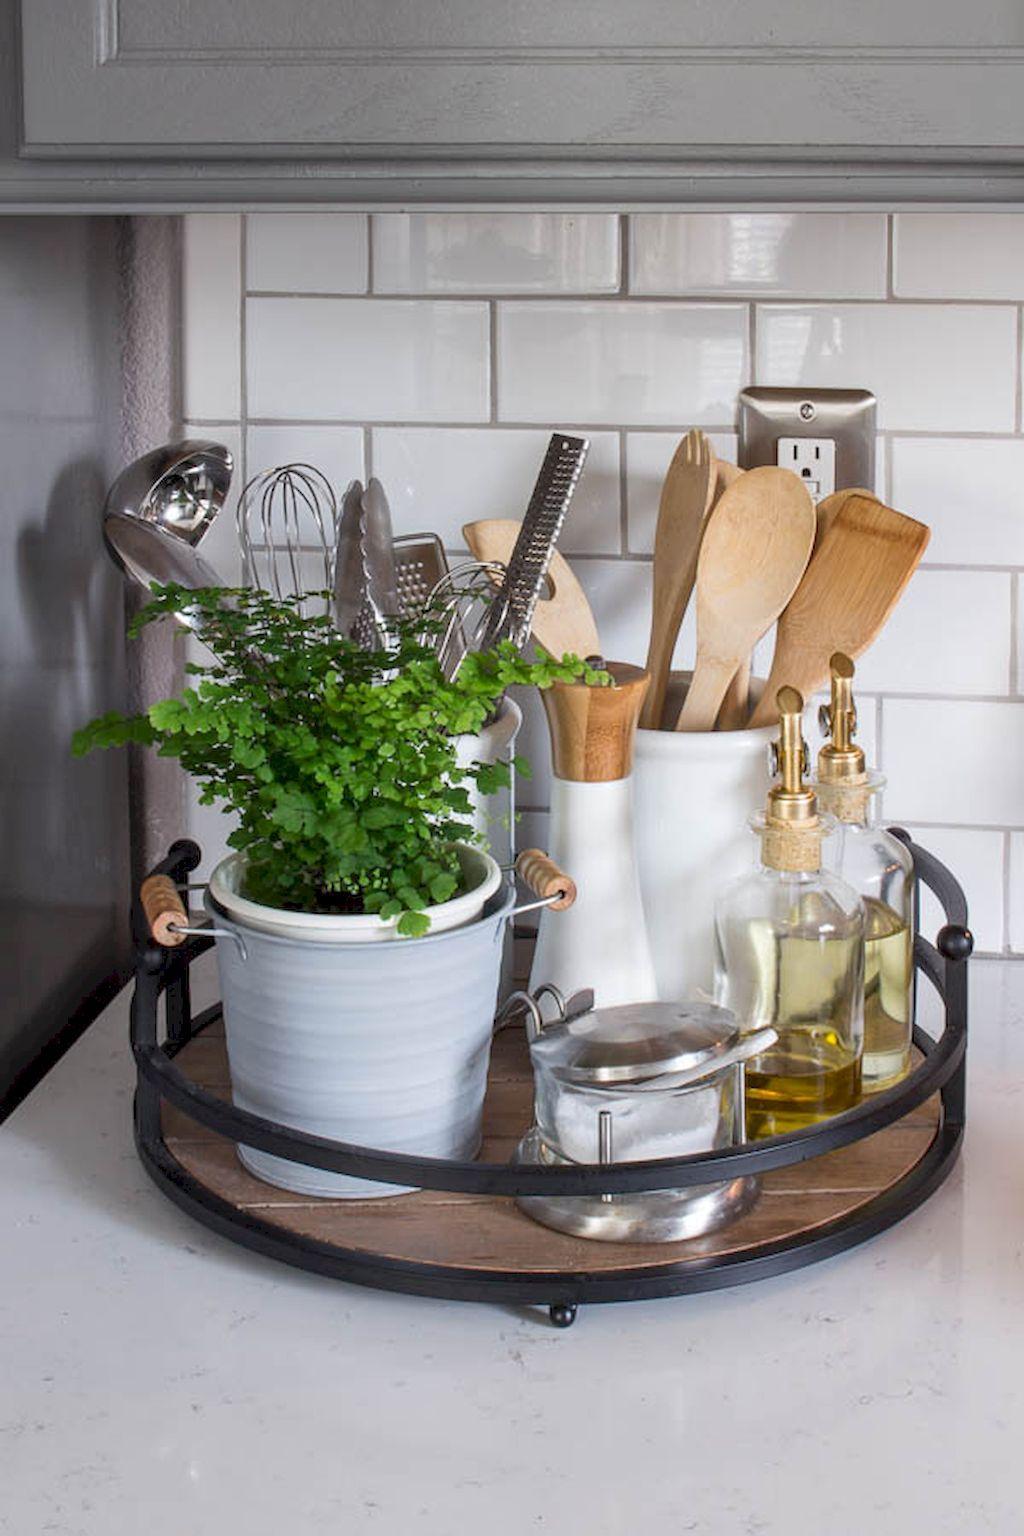 50 Stunning Small Kitchen Design Ideas | Kitchen design, Kitchens ...